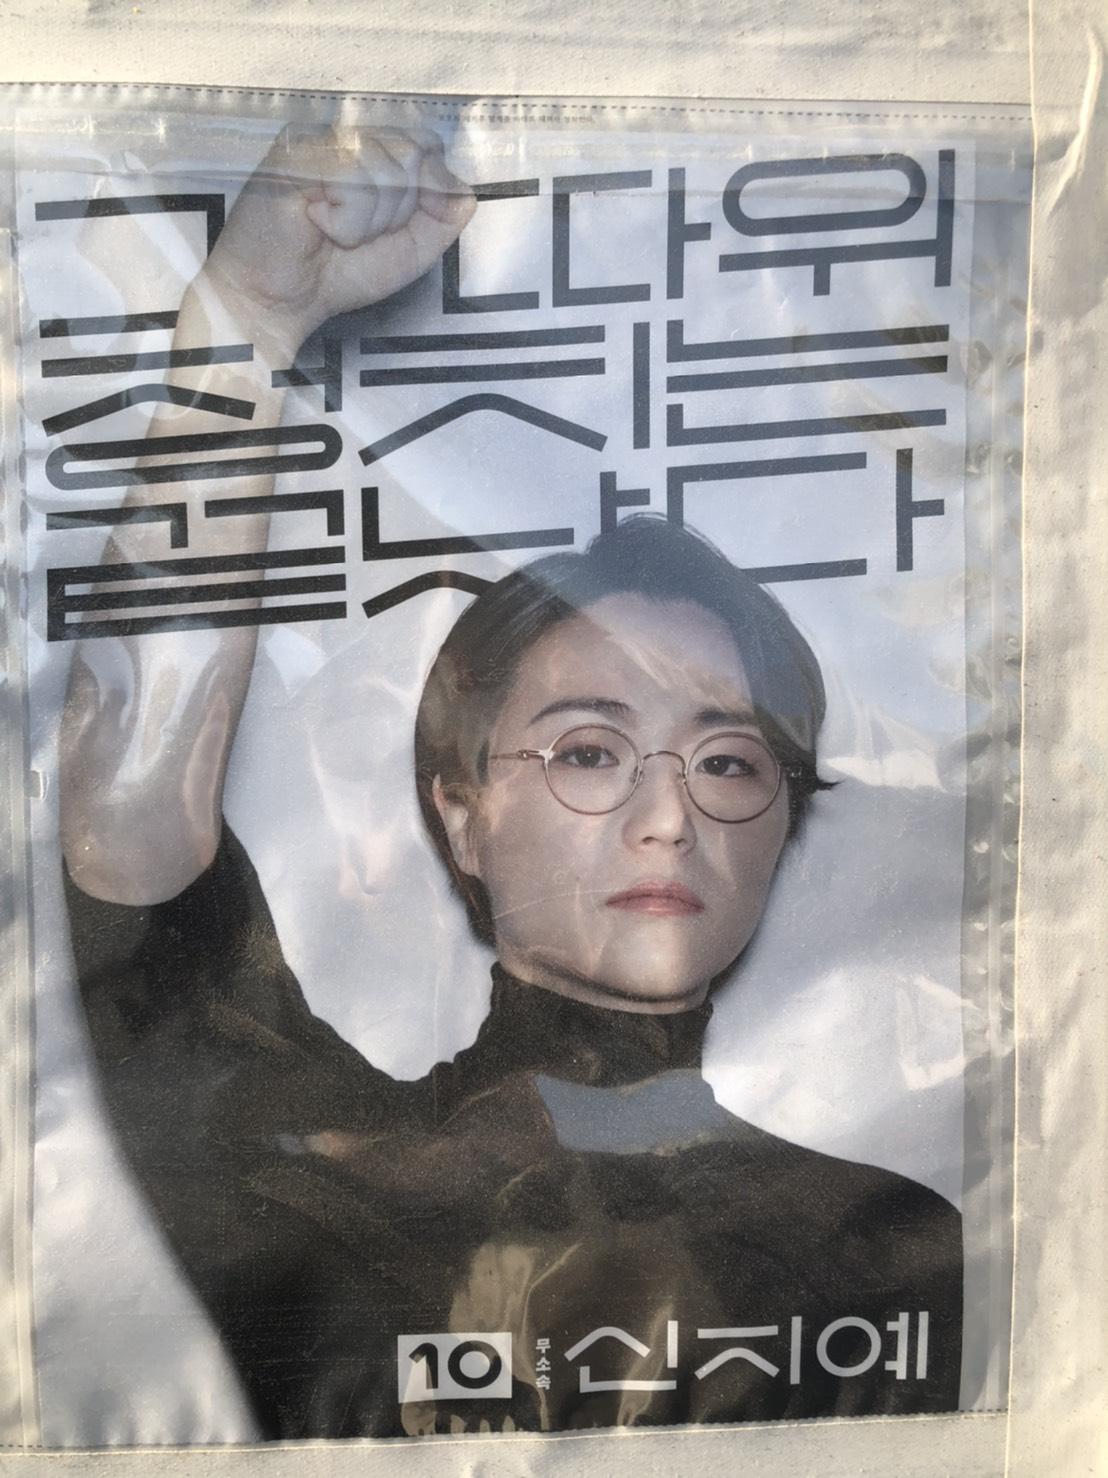 よく話してくれる韓国のお姉さん Vol.3  「性差別が露呈する日本のコロナ対策」